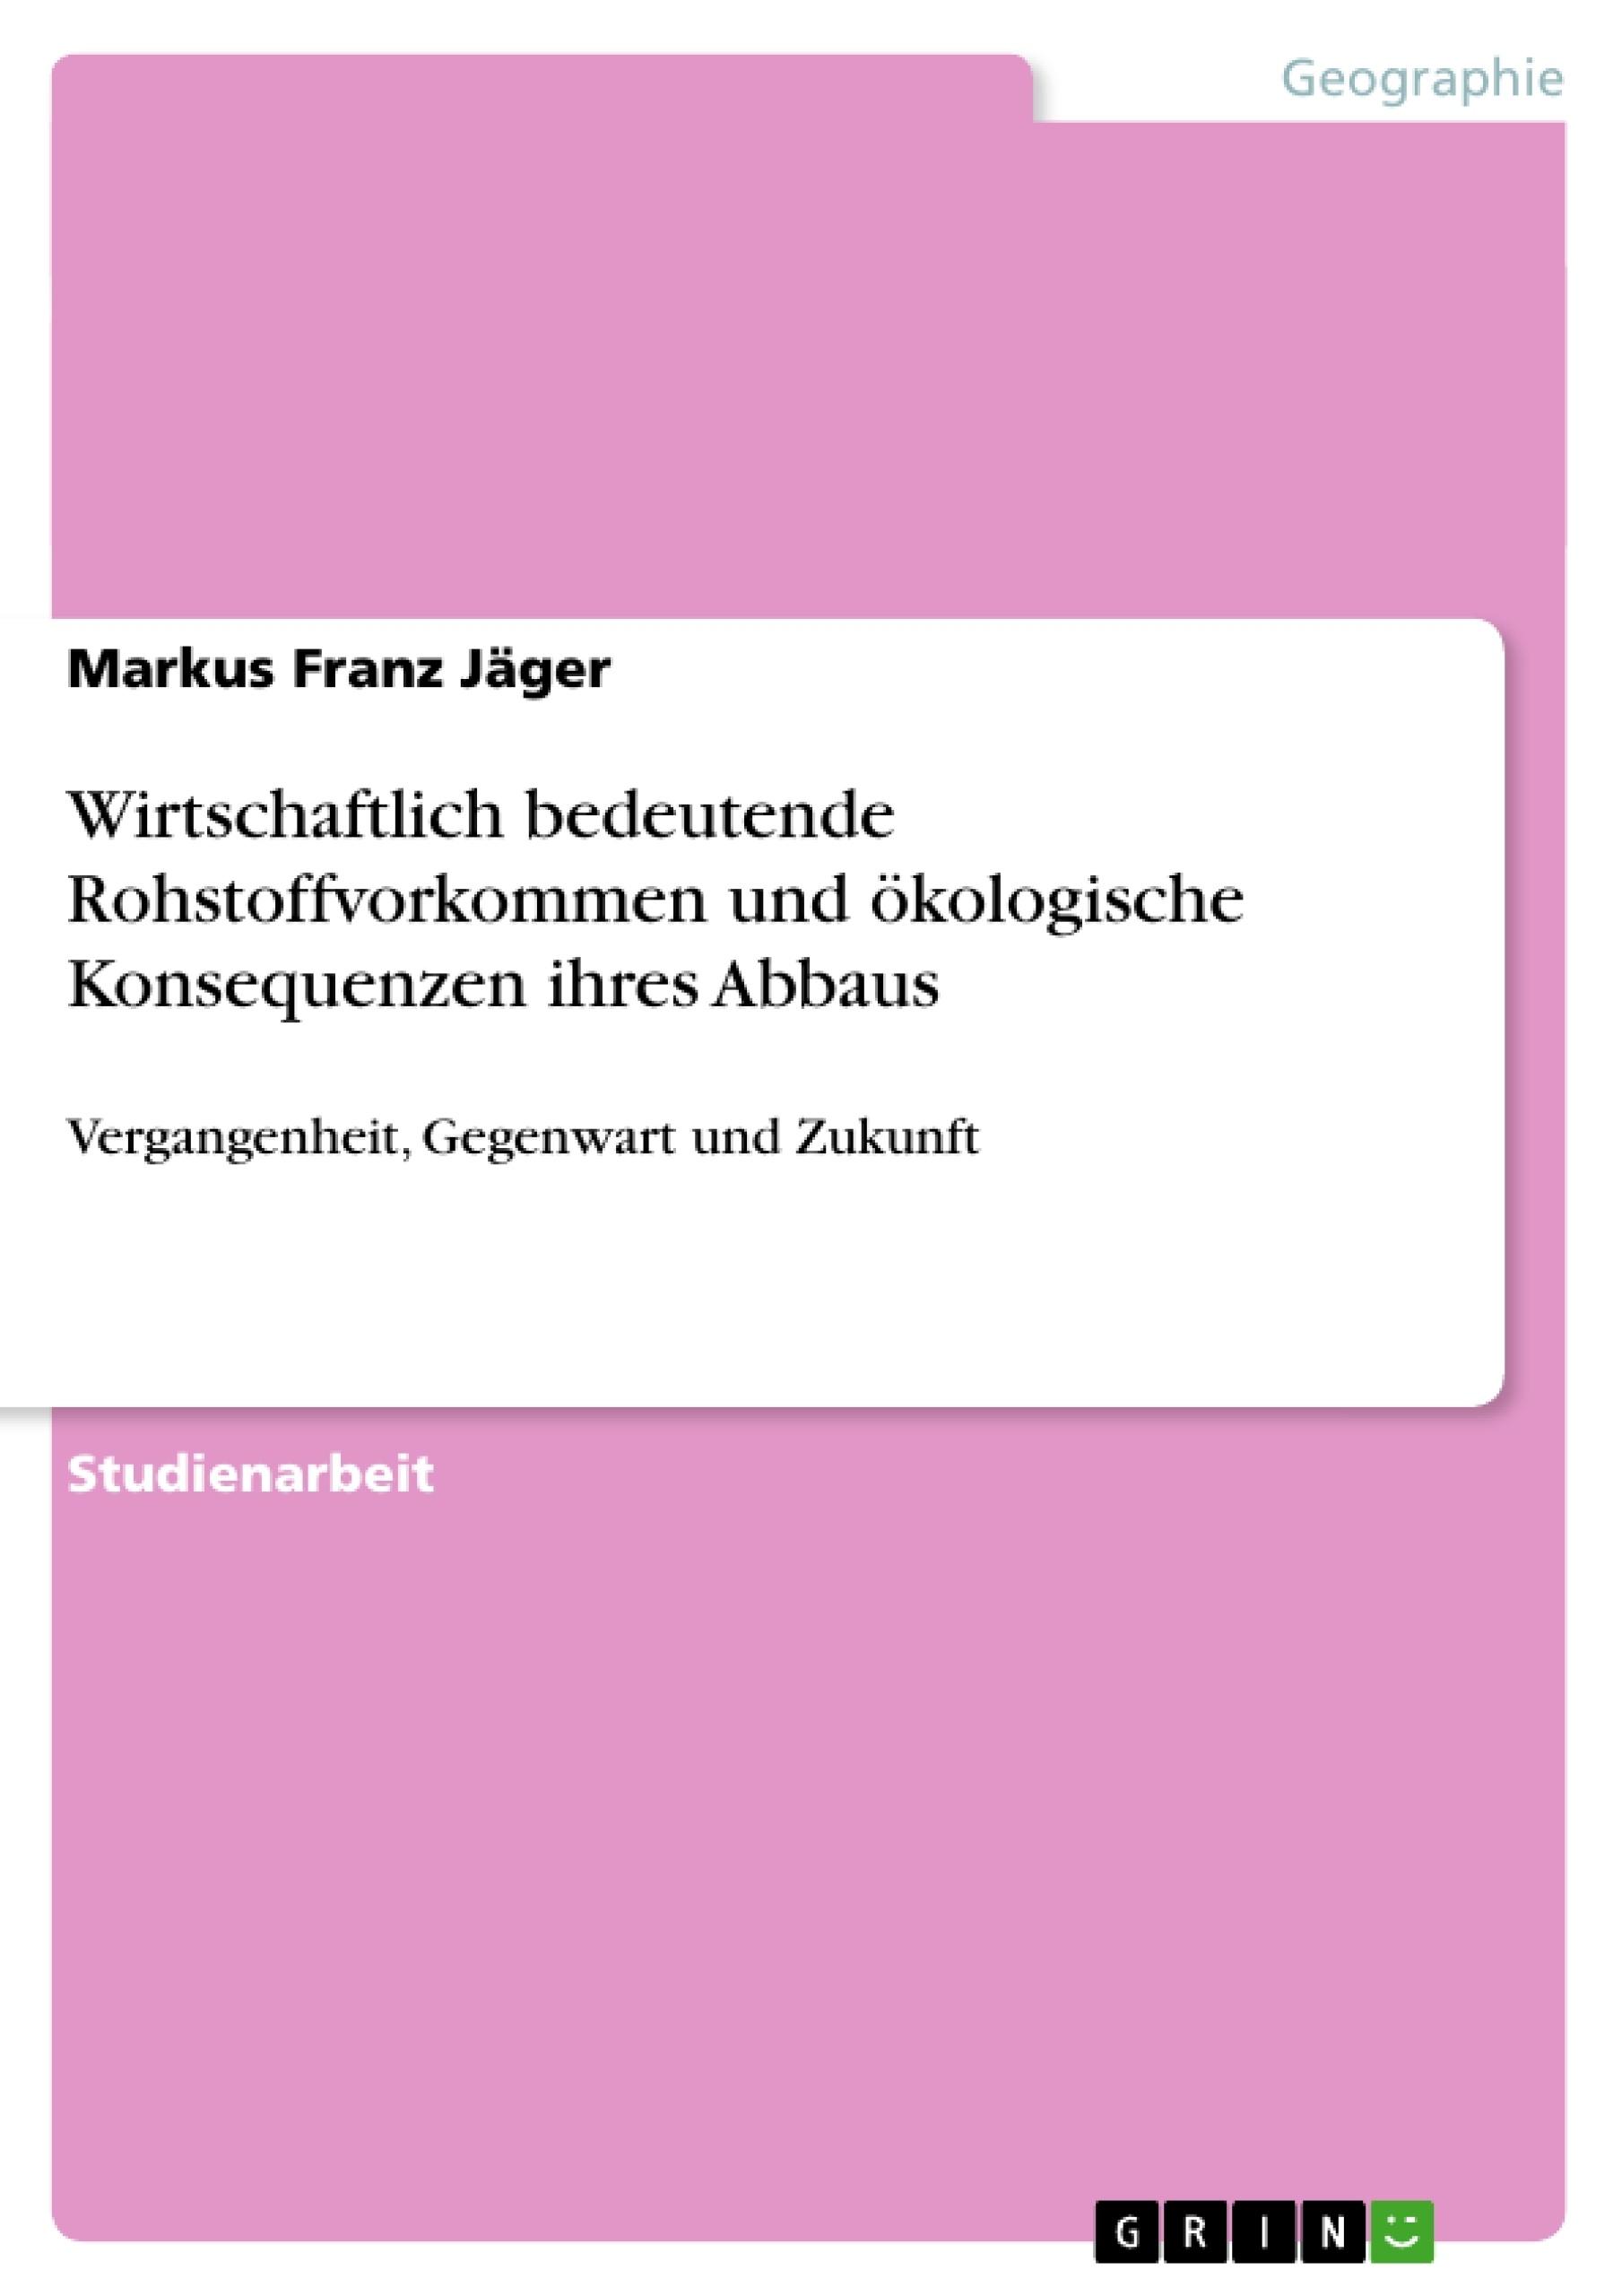 Titel: Wirtschaftlich bedeutende Rohstoffvorkommen und ökologische Konsequenzen ihres Abbaus